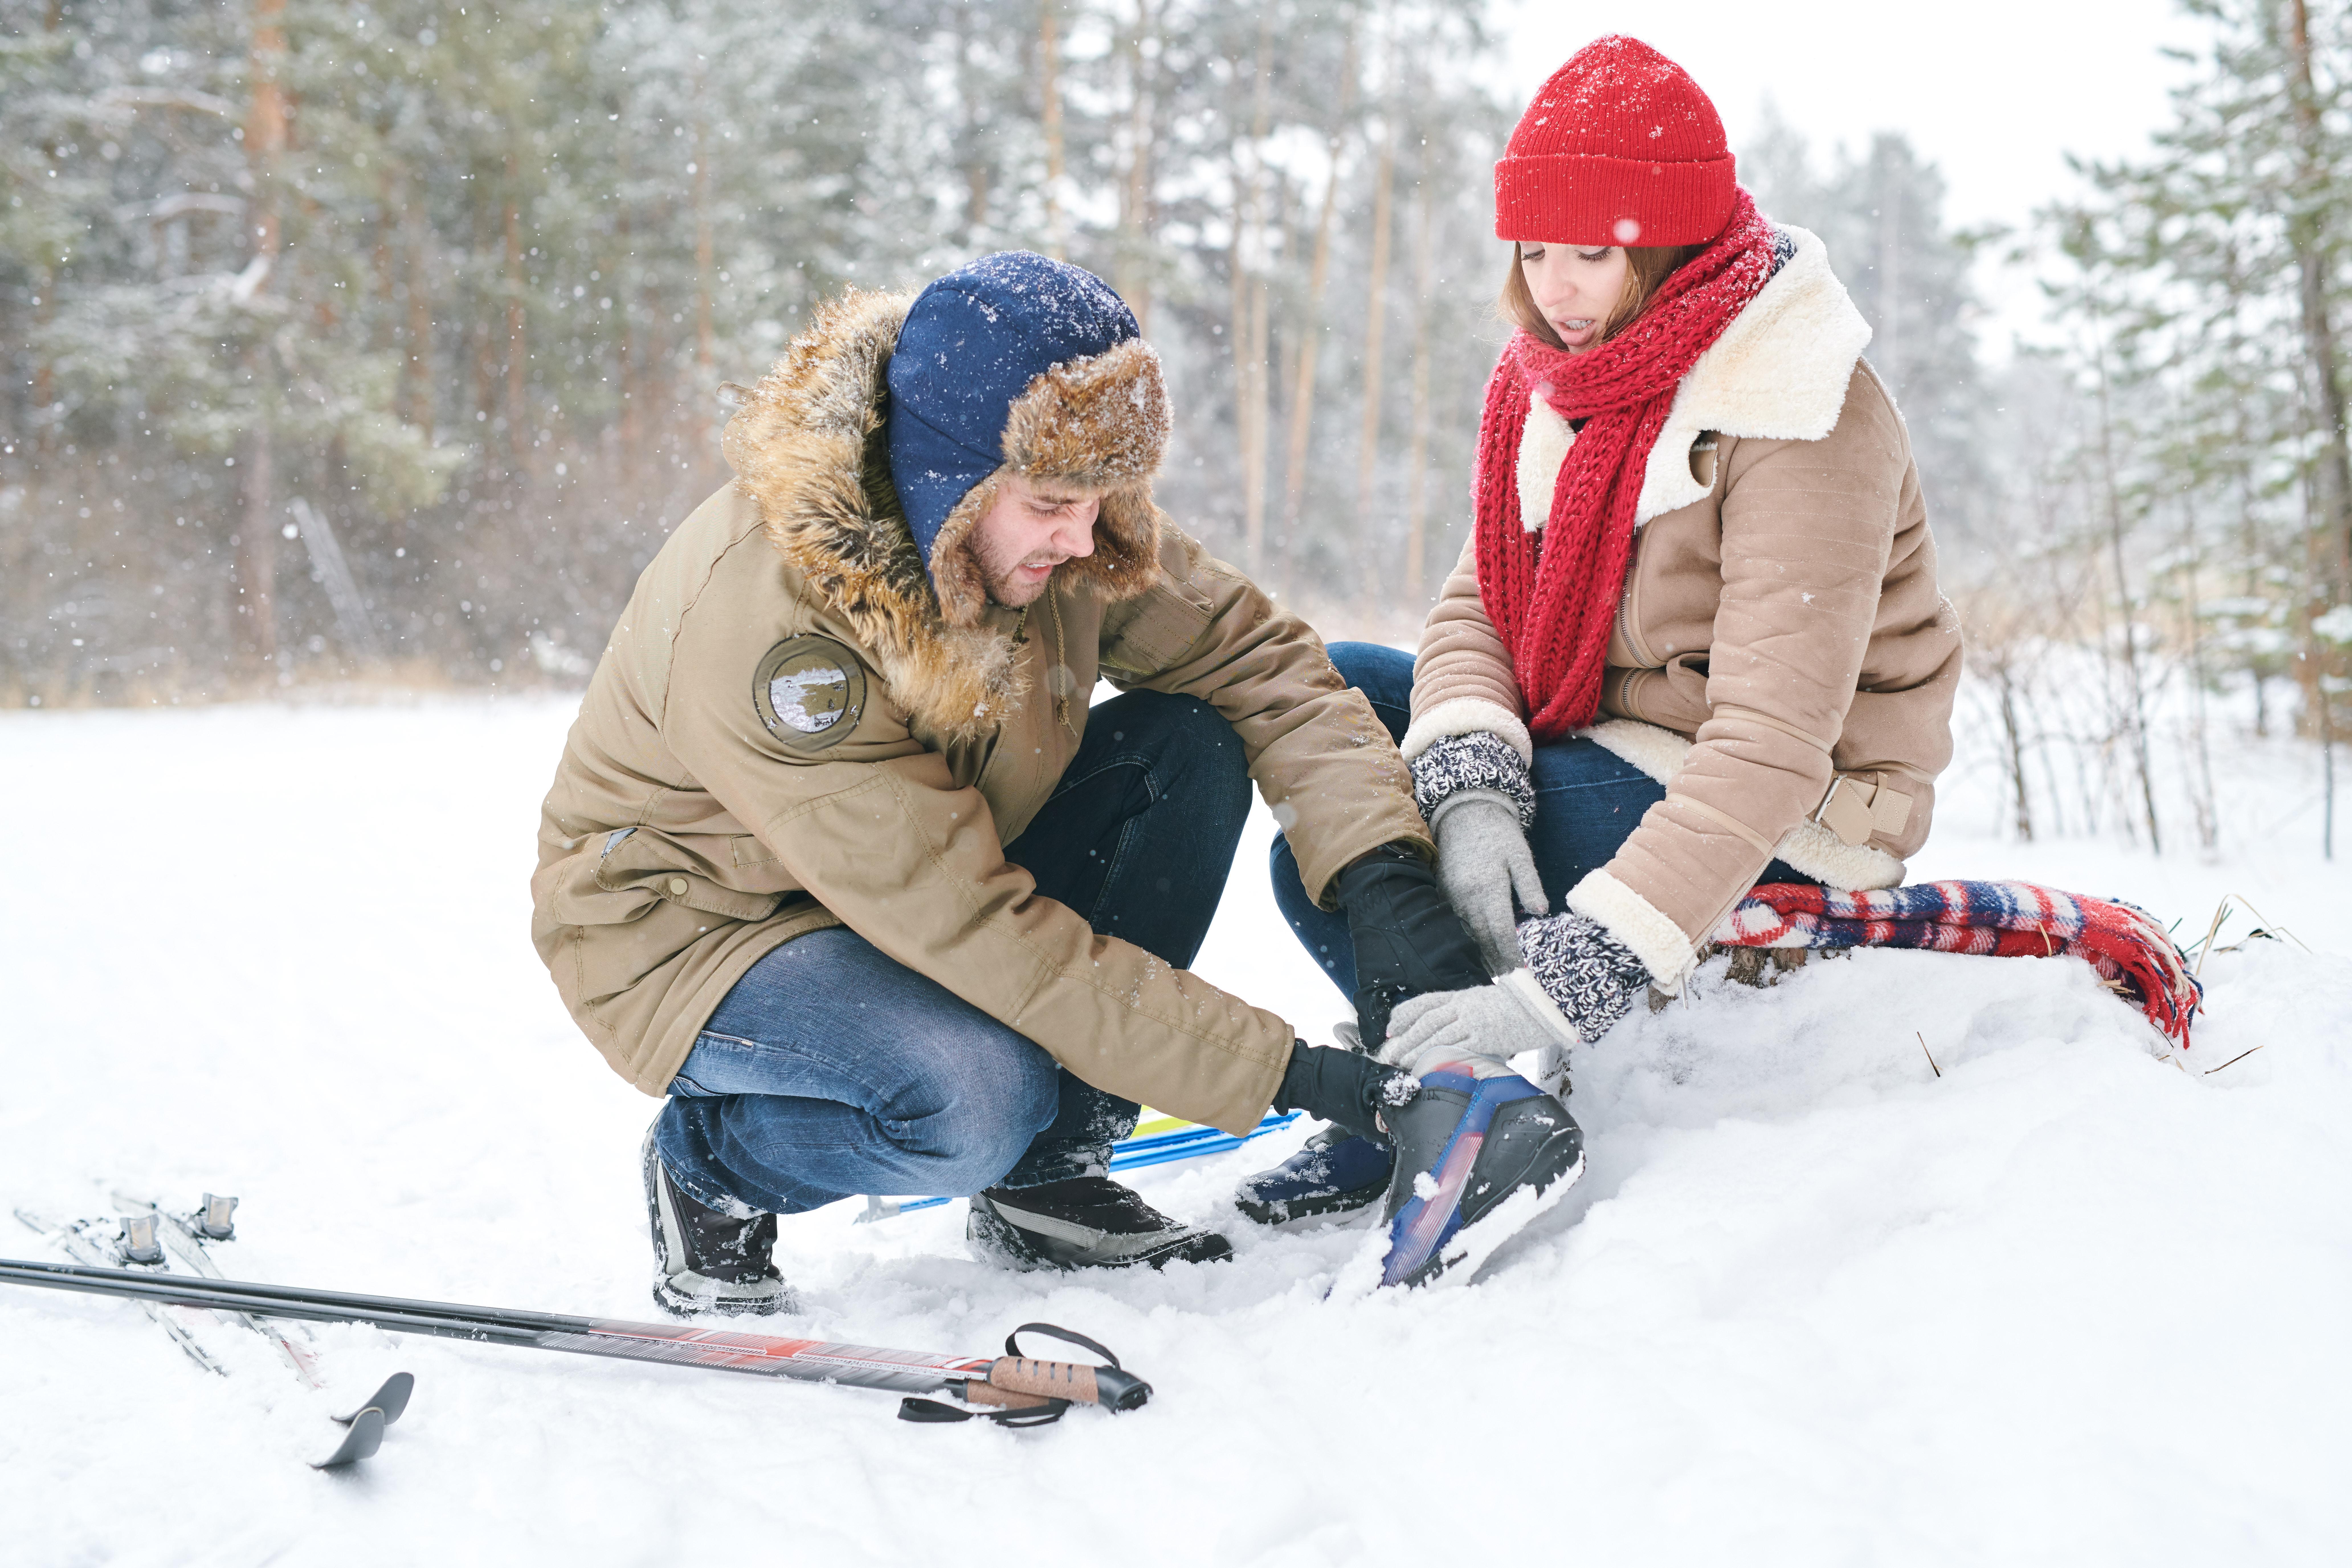 Як запобігти травми і падіння на снігових схилах